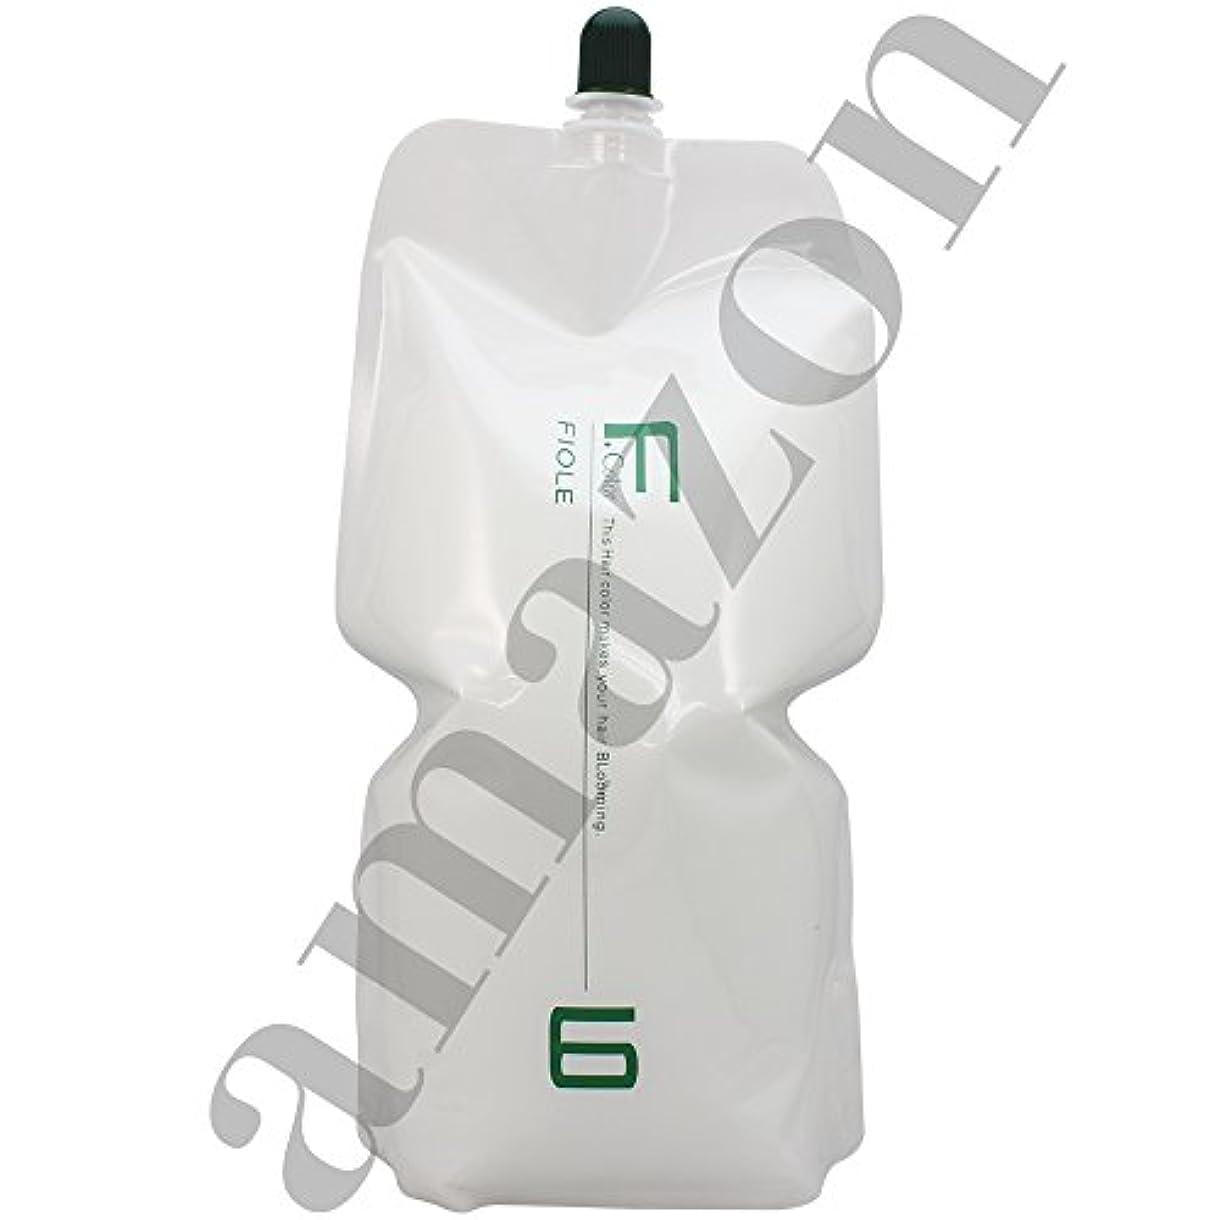 試みる満員他の場所フィヨーレ BLカラー OX 2000ml 染毛補助剤 第2剤 パウチ (OX6%)